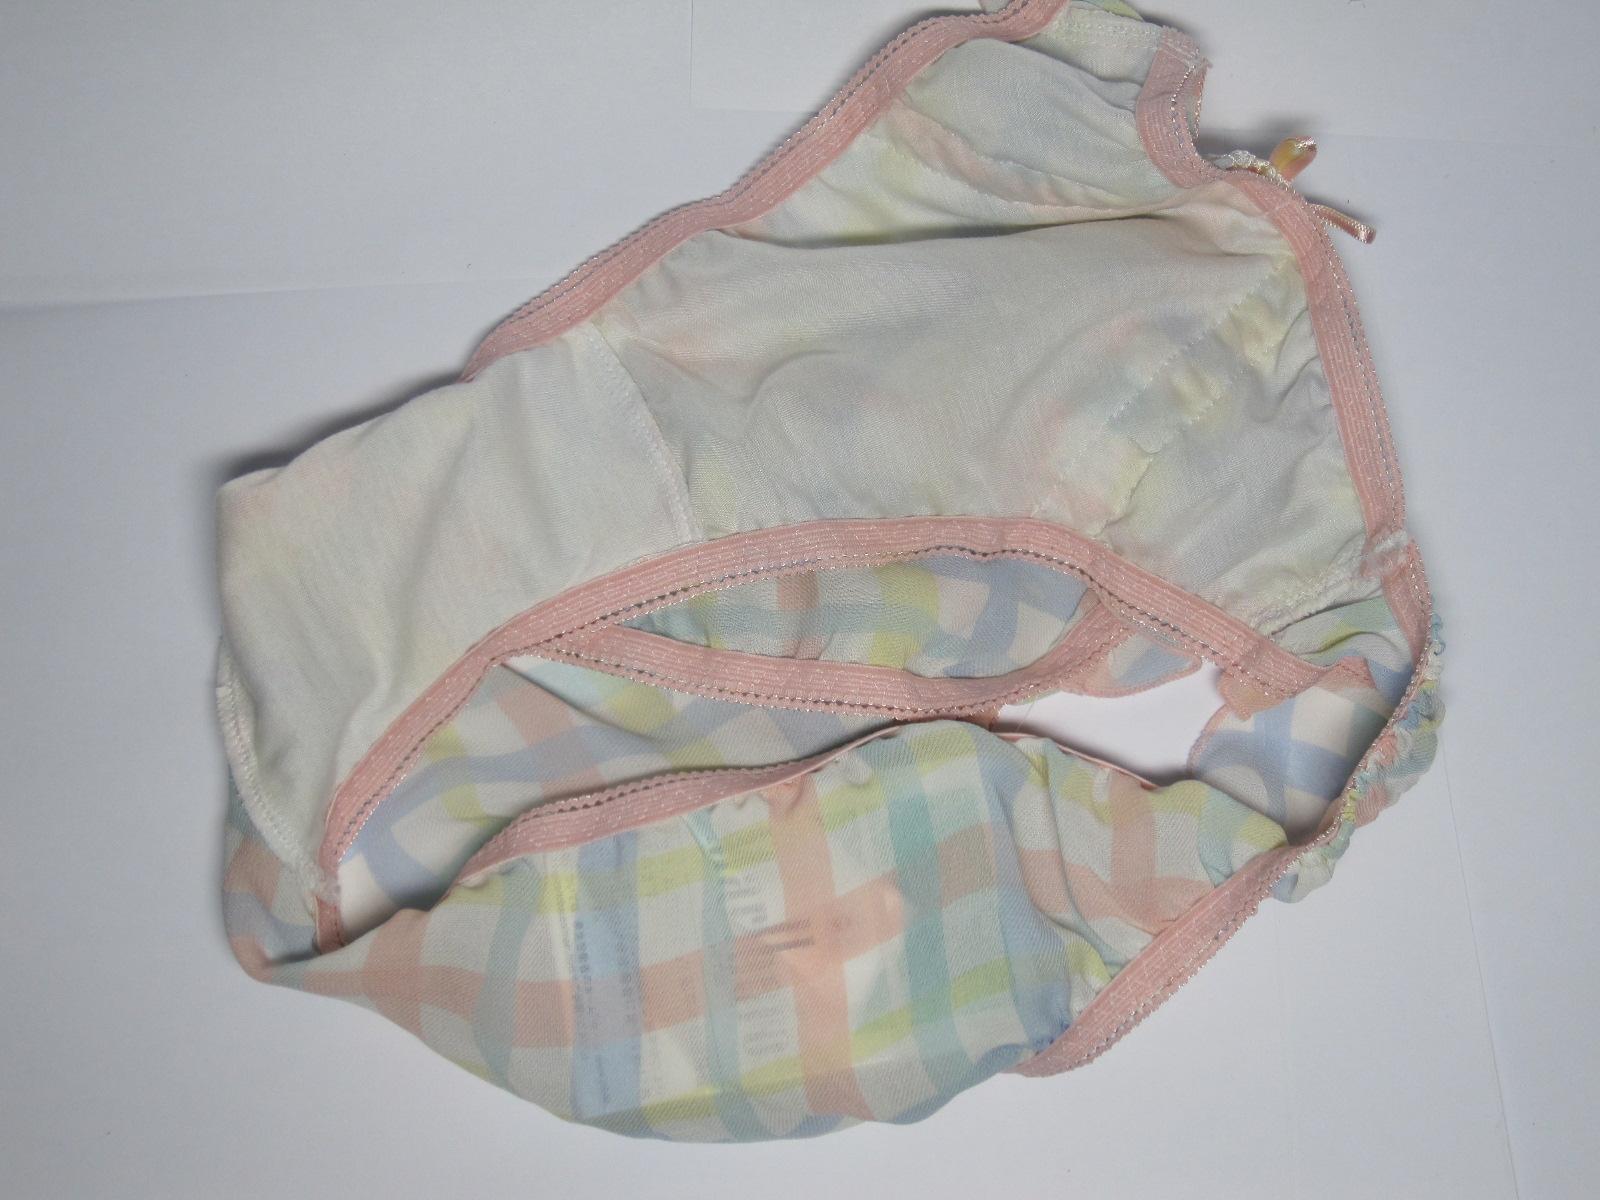 姉妹オナニーシミ付き下着洗濯前盗撮エロ画像12枚目